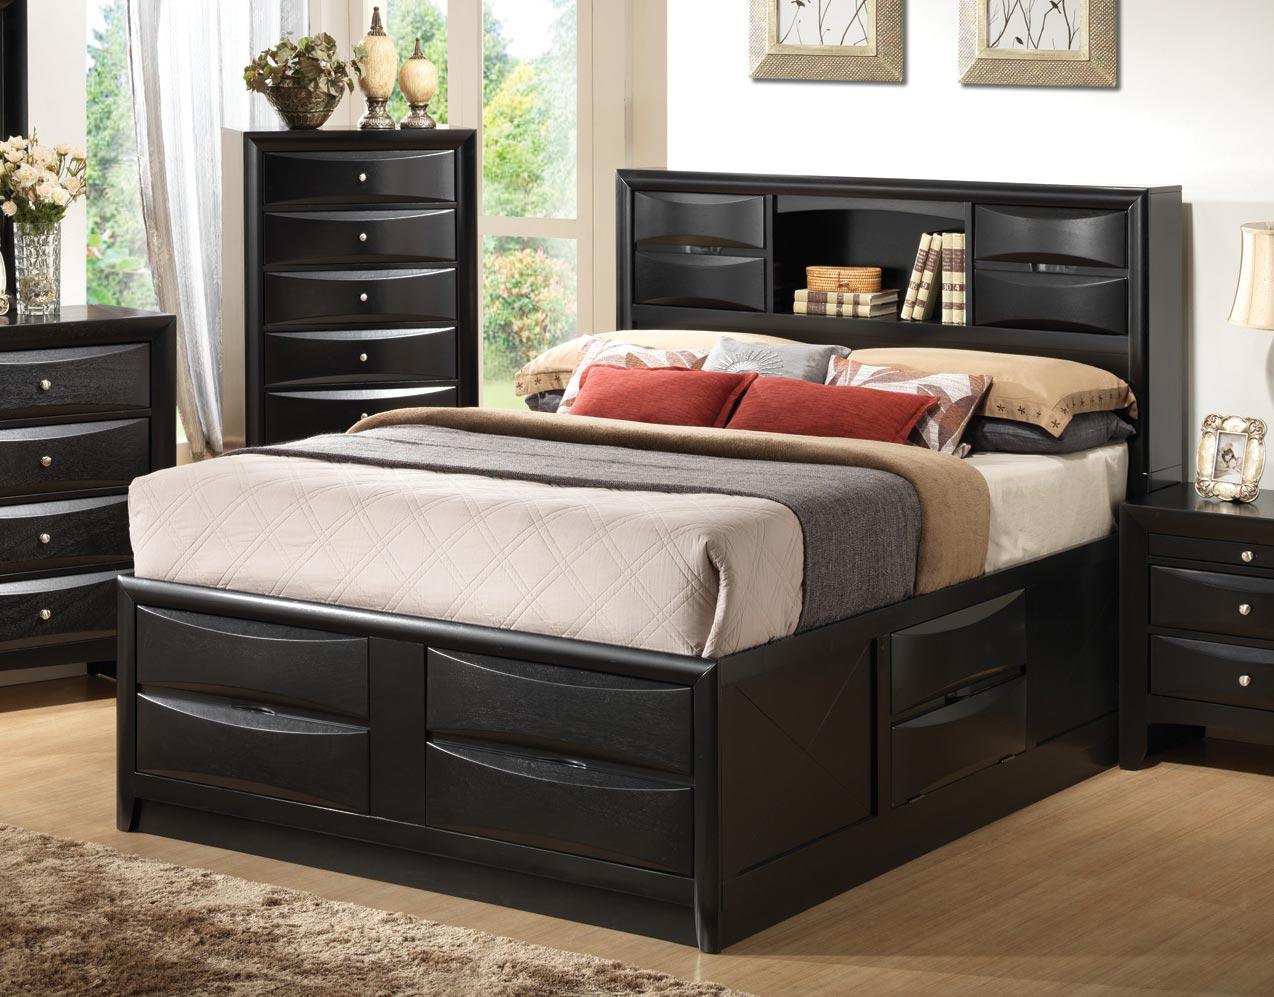 Coaster Briana Bookcase Storage Bed - Black